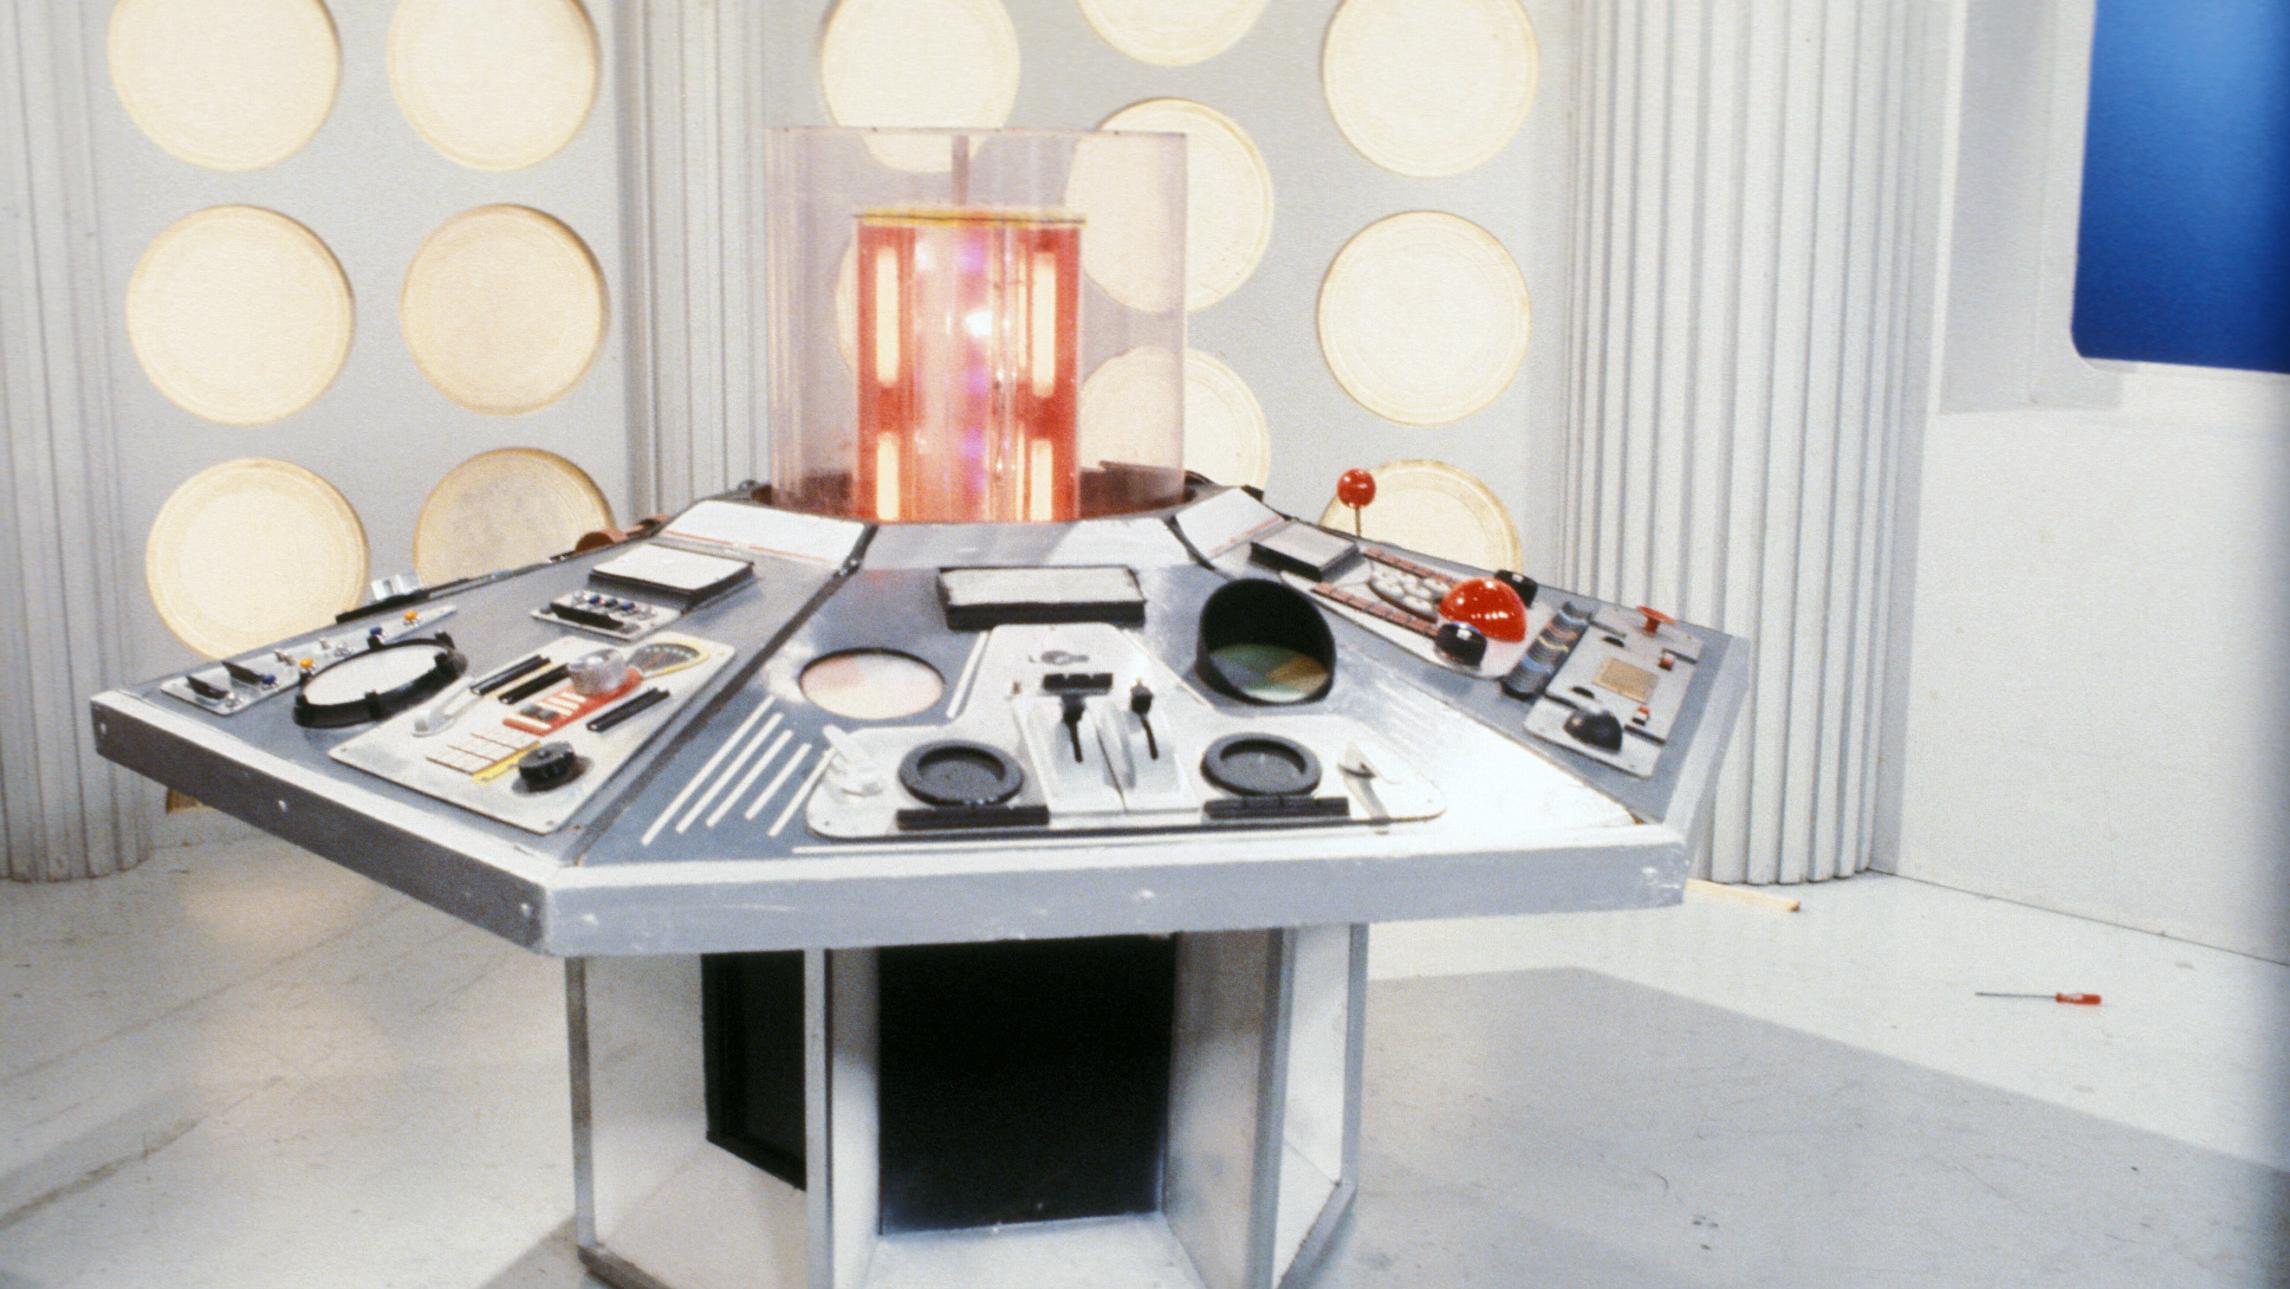 Escenario para la serie de televisión Doctor Who. Masque of Mandragora Tardis (1980). Imagen: BBC TV.